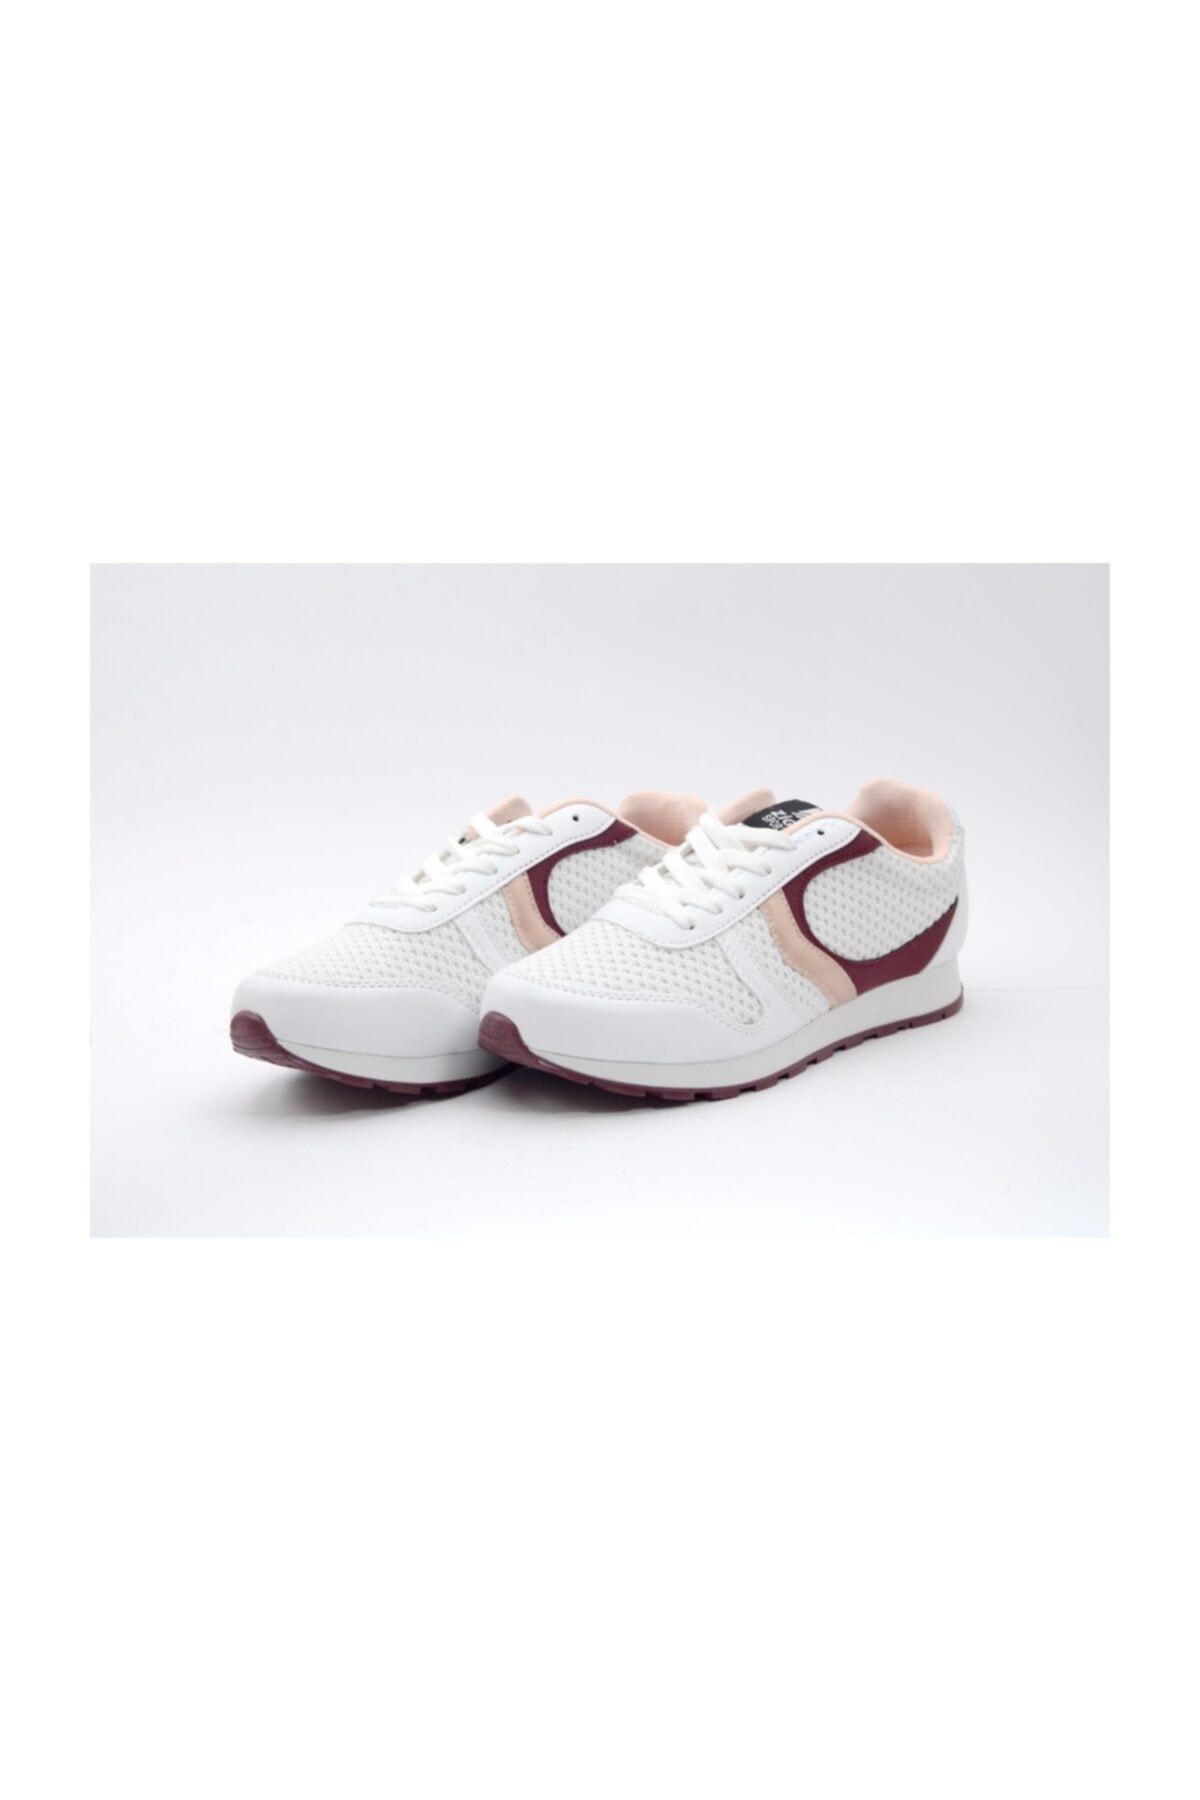 Twingo Spor Ayakkabı 2